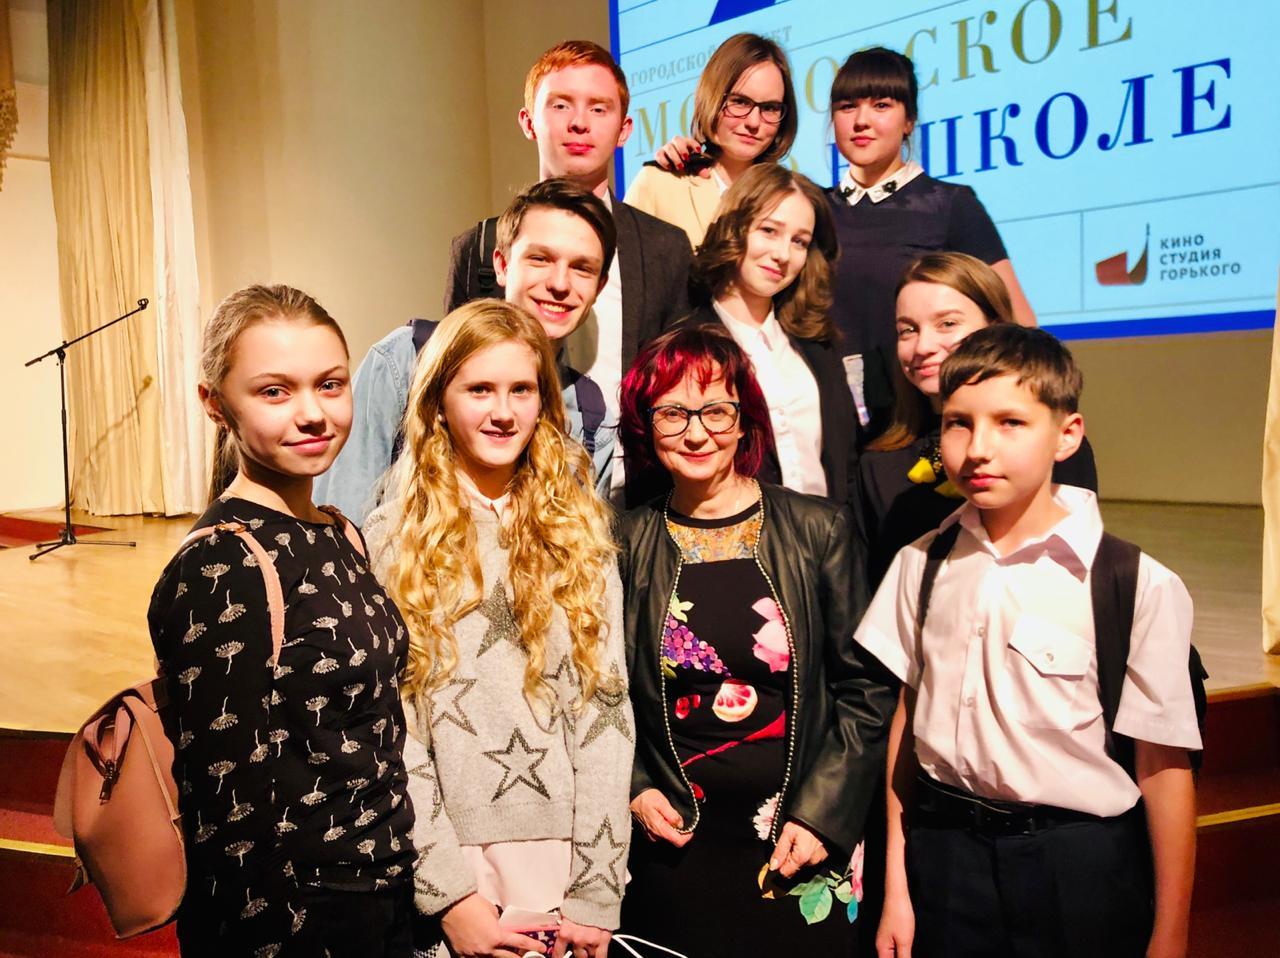 Проект «Московское кино в школе» стартует в Десеновском. Фото: школа №1392